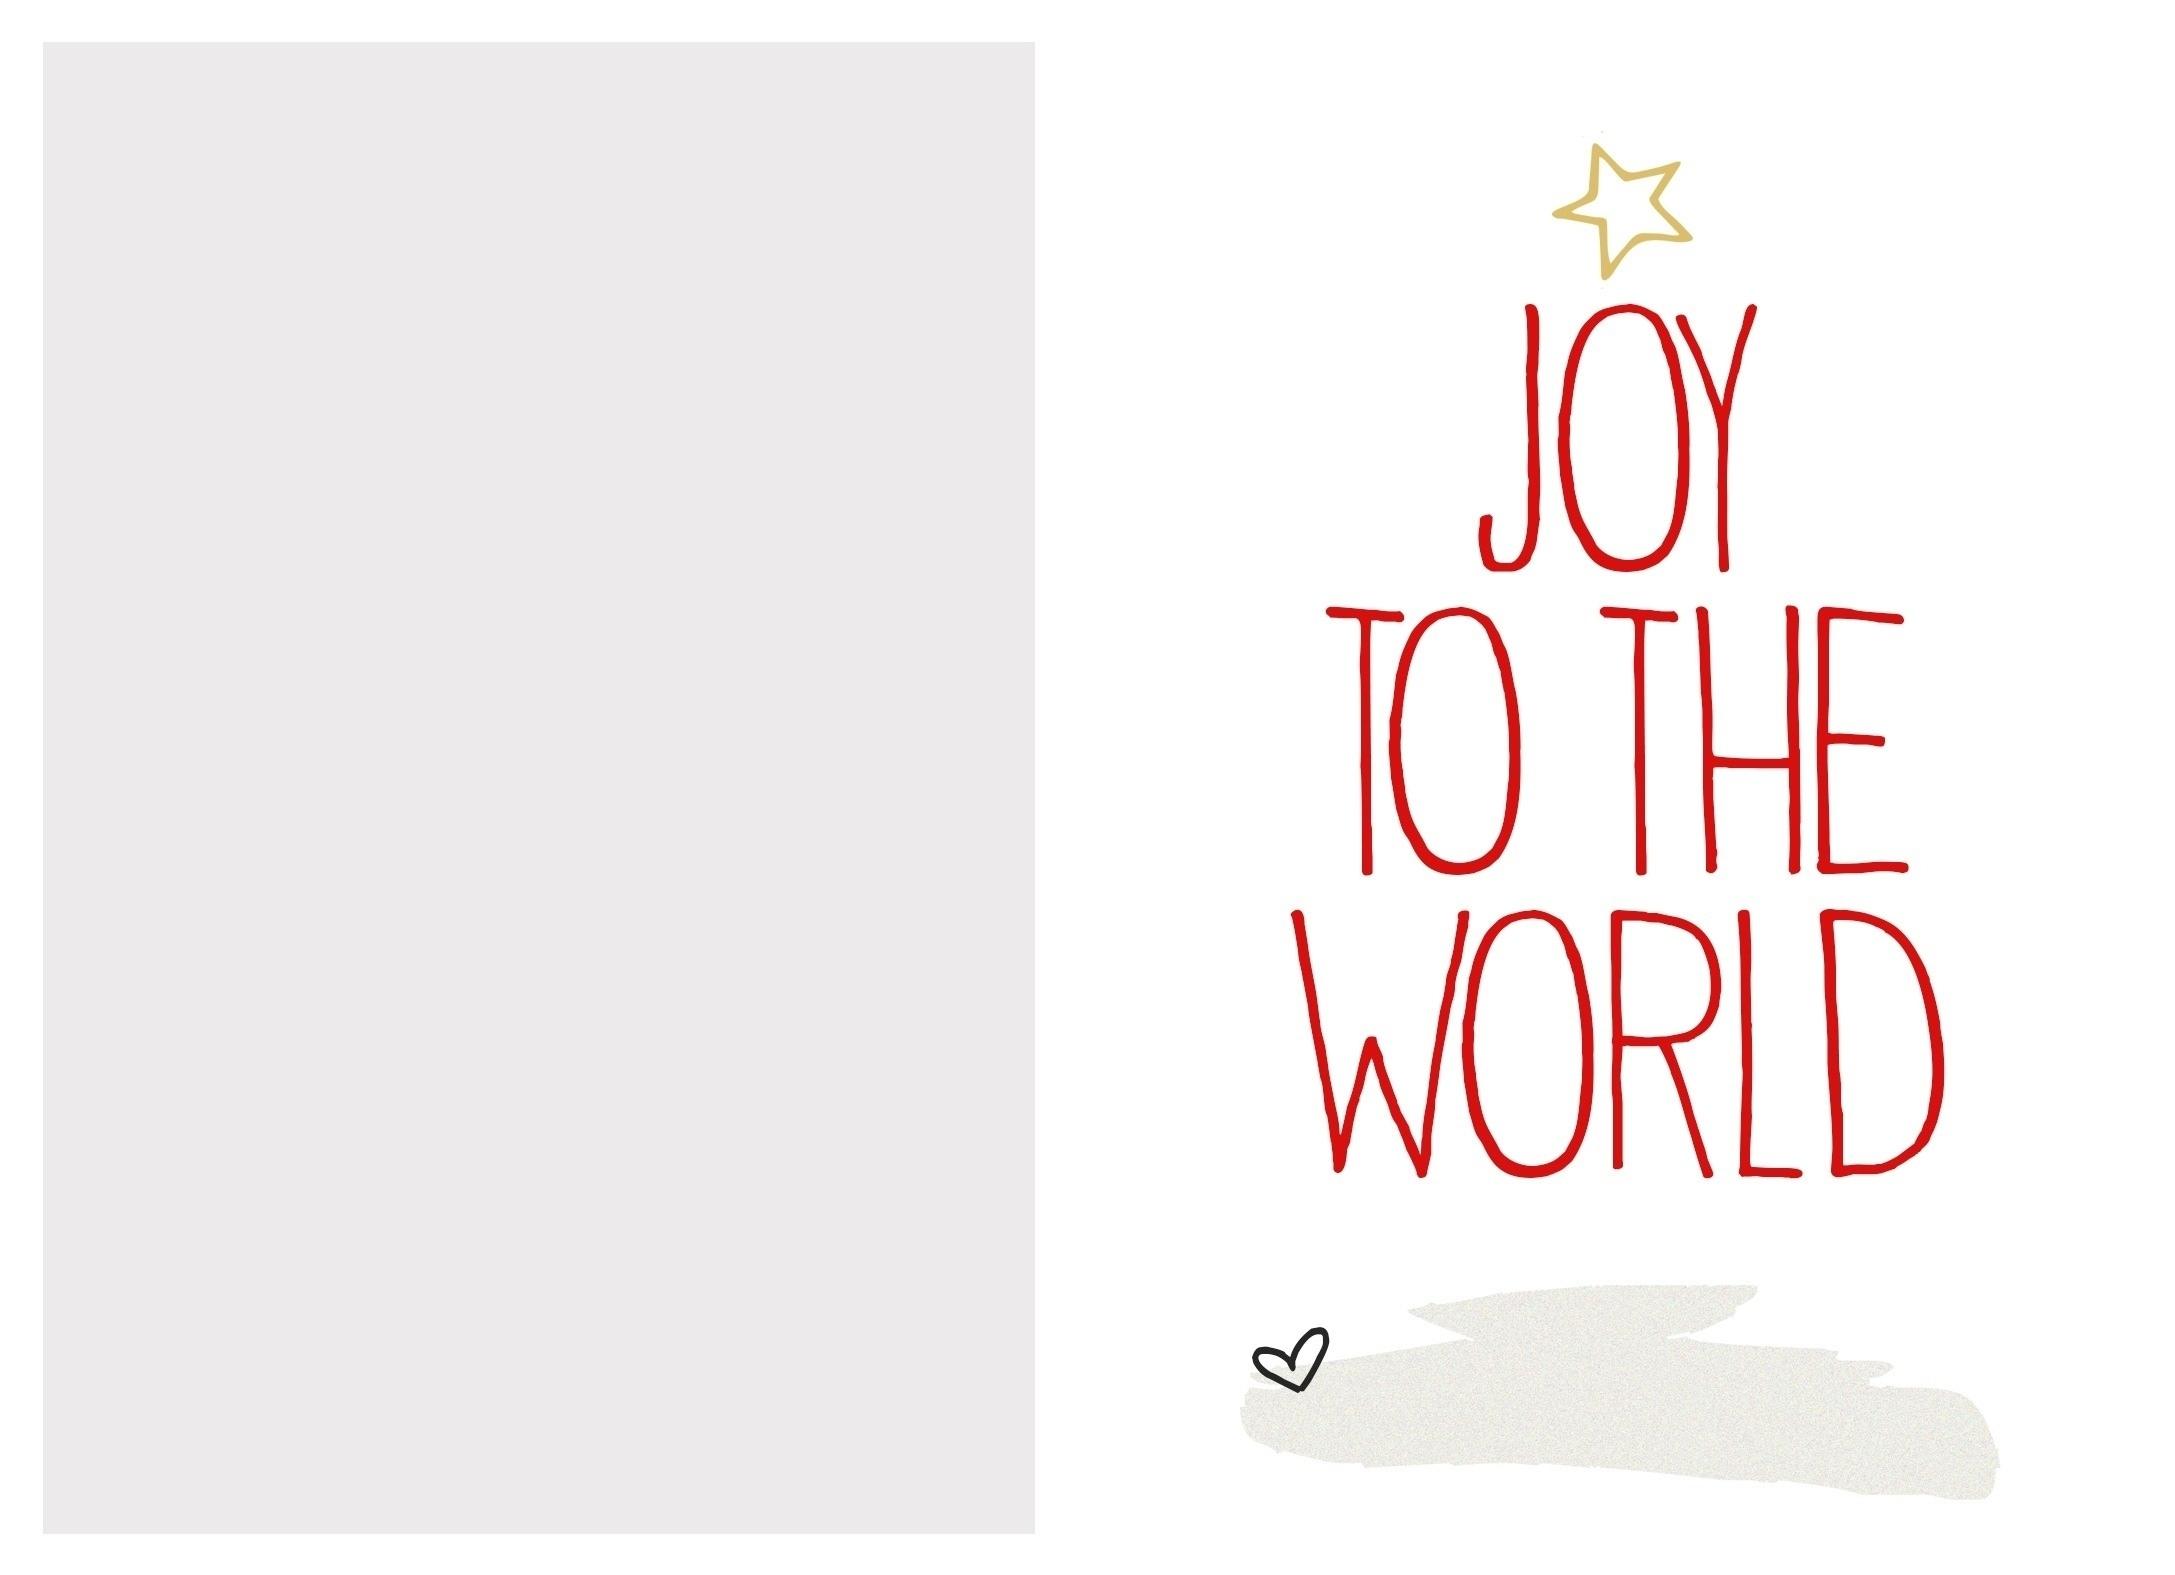 Christmas Card Templates Free Printable   Reactorread - Free Printable Christmas Card Templates